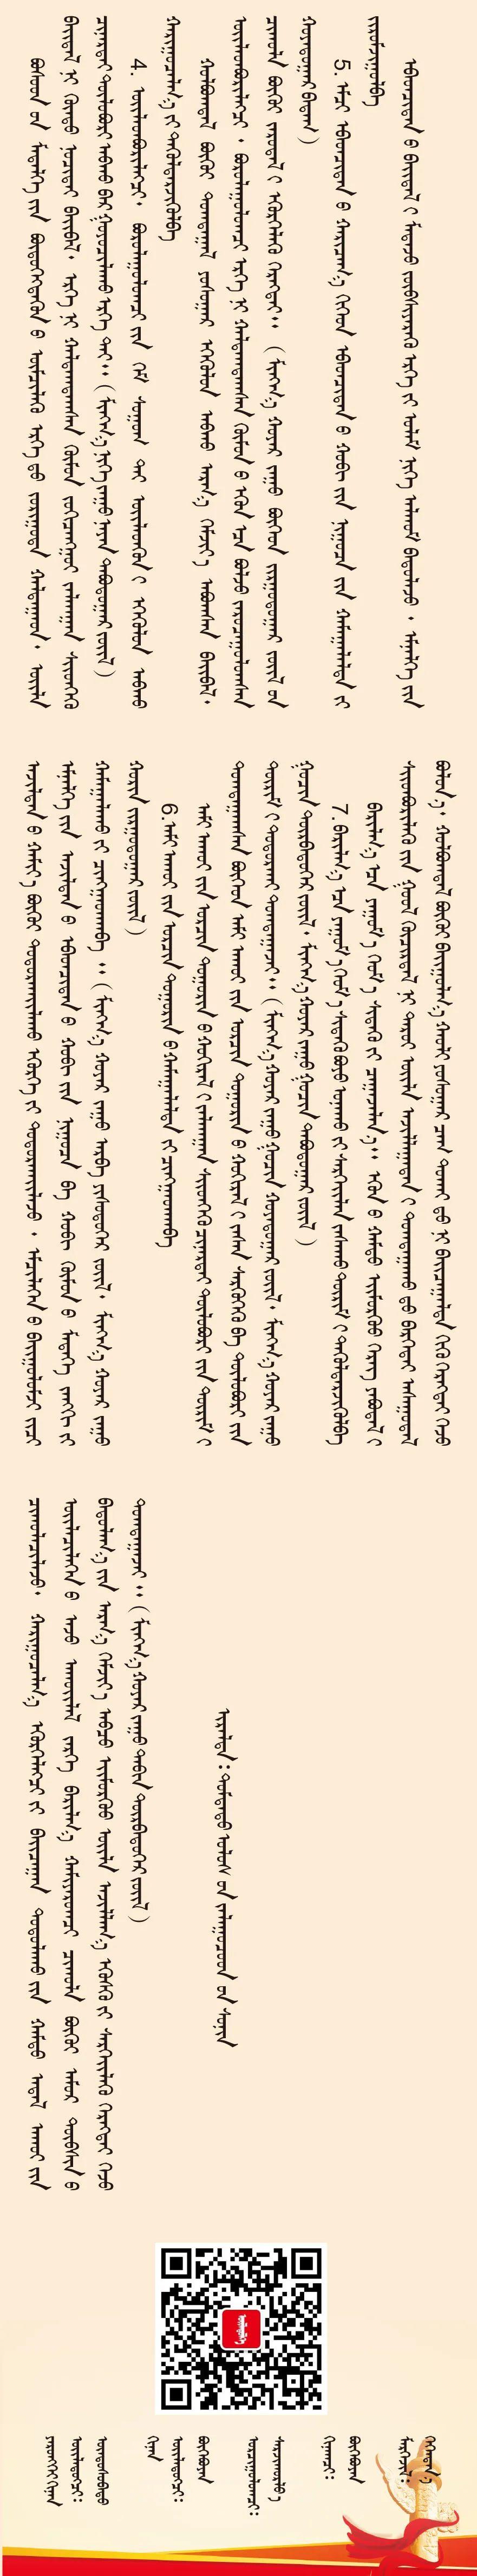 《民法典》49大亮点全梳理 第8张 《民法典》49大亮点全梳理 蒙古文库